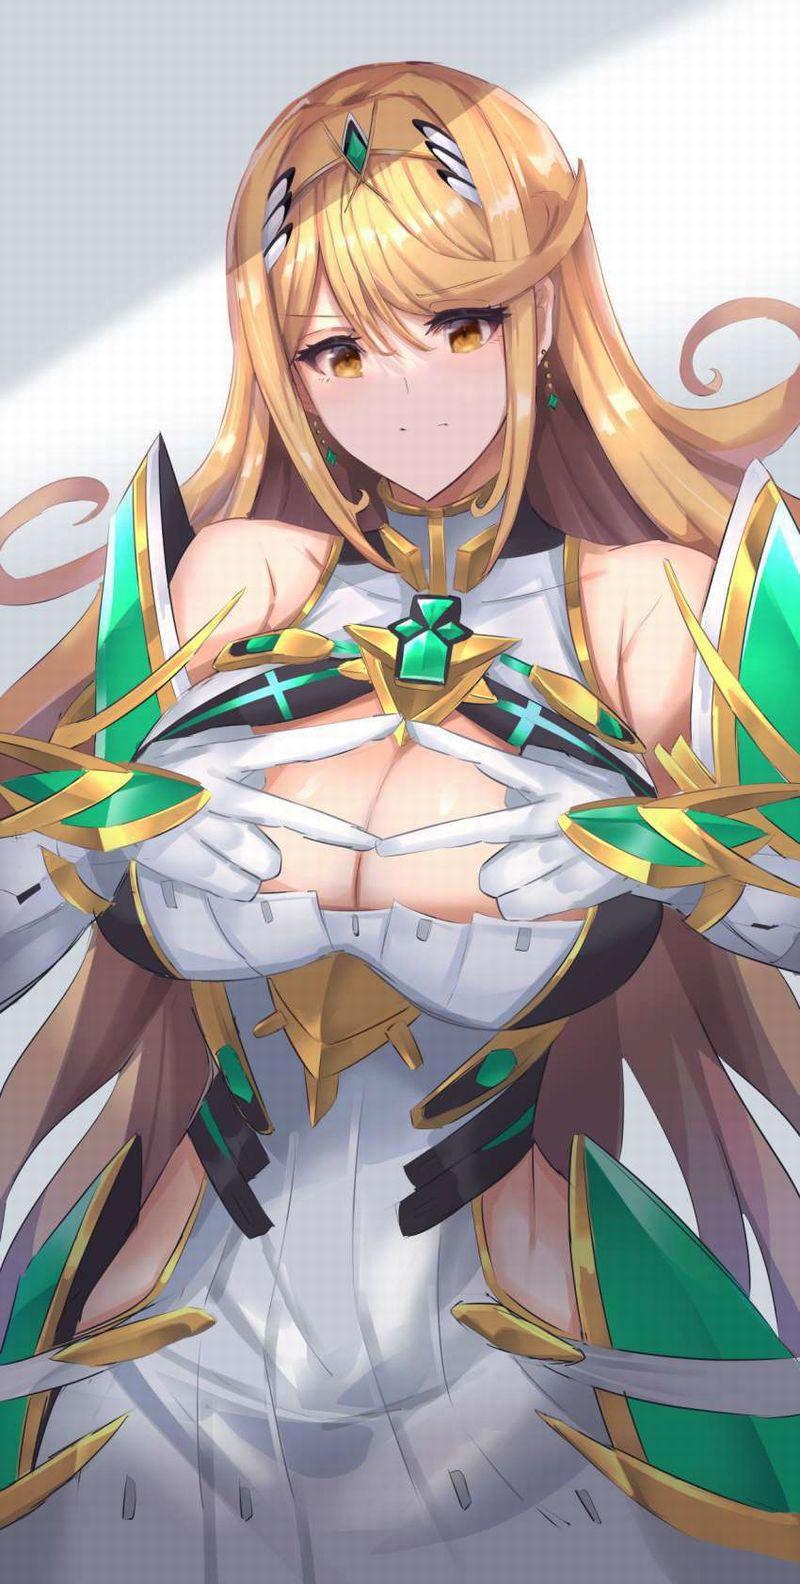 【ゼノブレイド2】ヒカリ(Mythra)のエロ画像【Xenoblade2】【7】